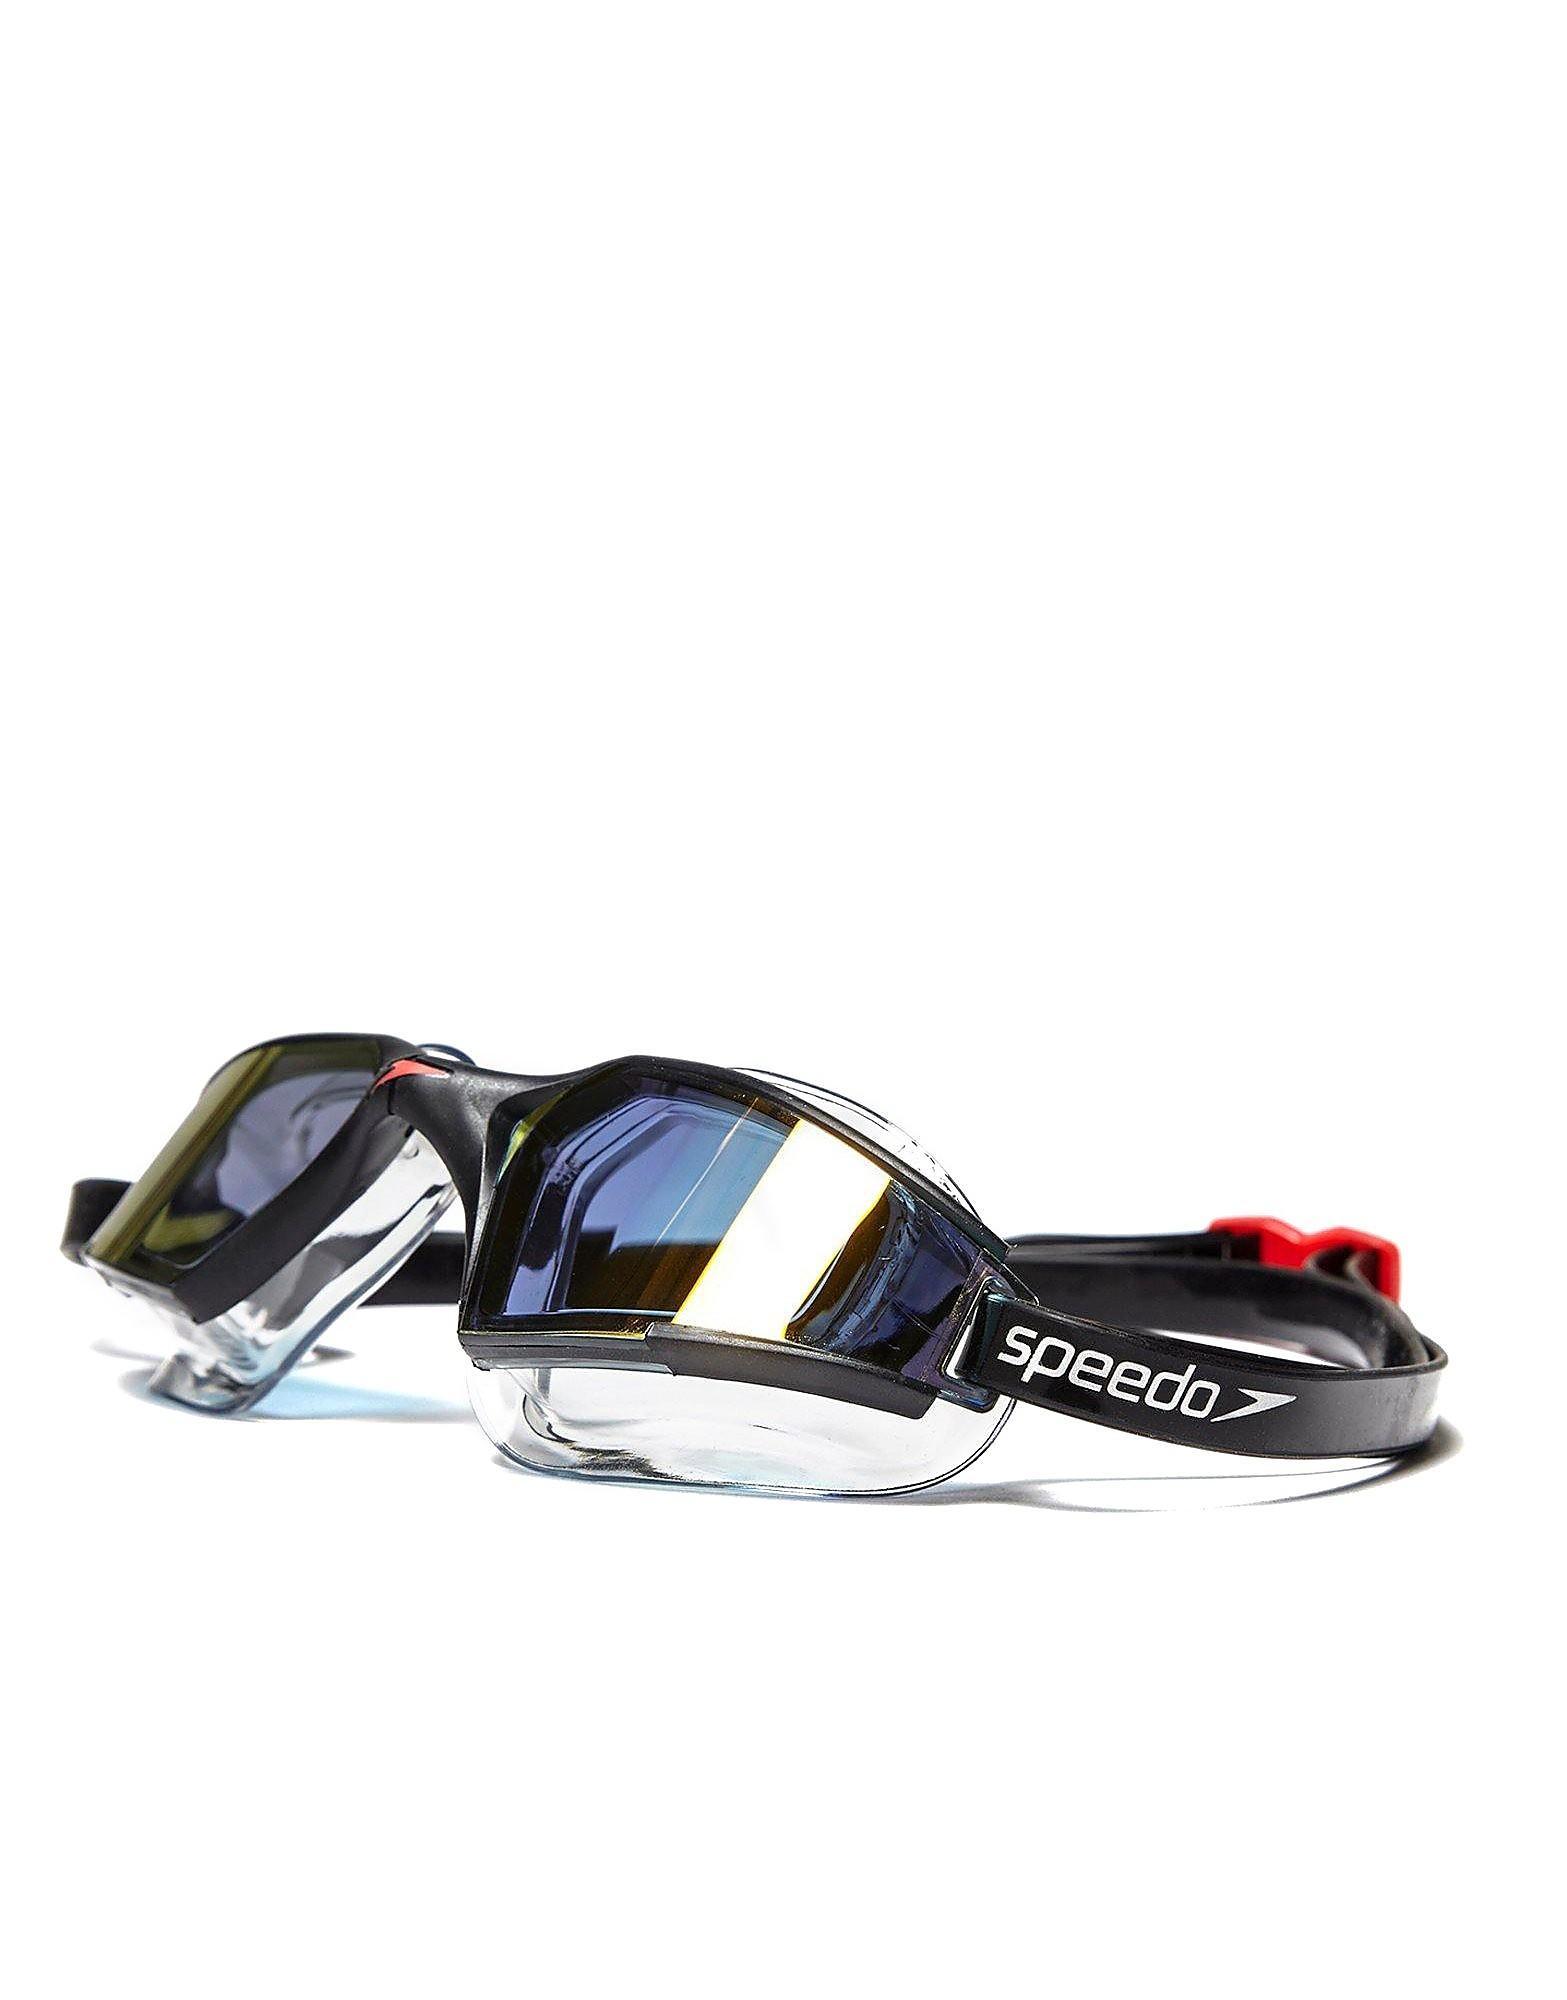 Speedo Aquapulse Max Mirror Brille